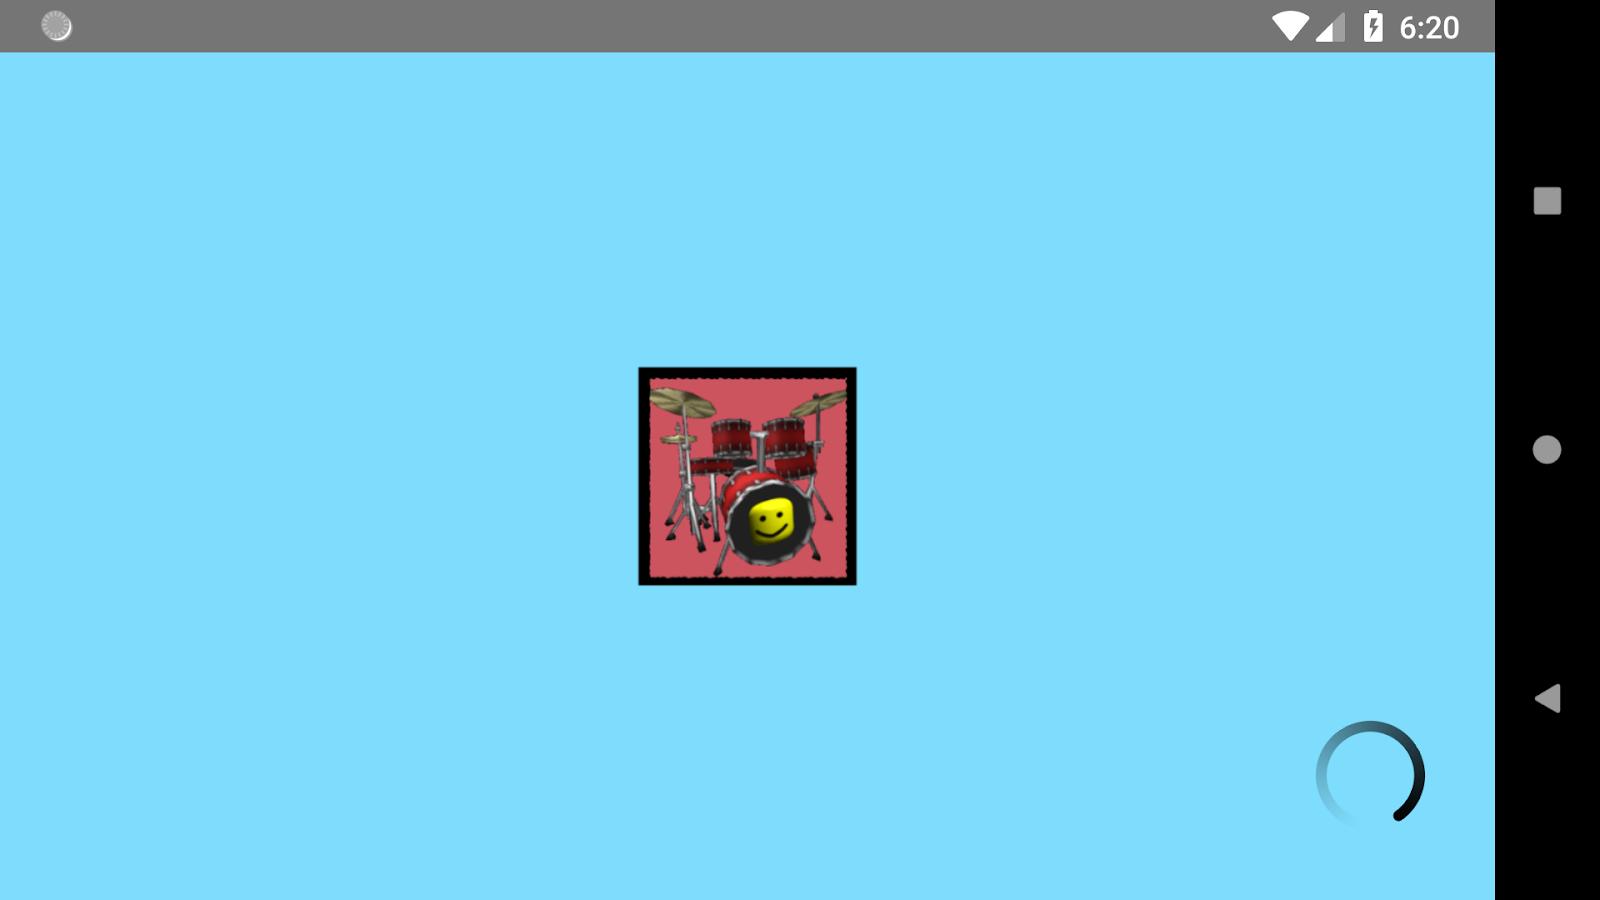 Pro Roblox Oof Drum Kit - Death Sound Meme Drums 1 3 0 APK